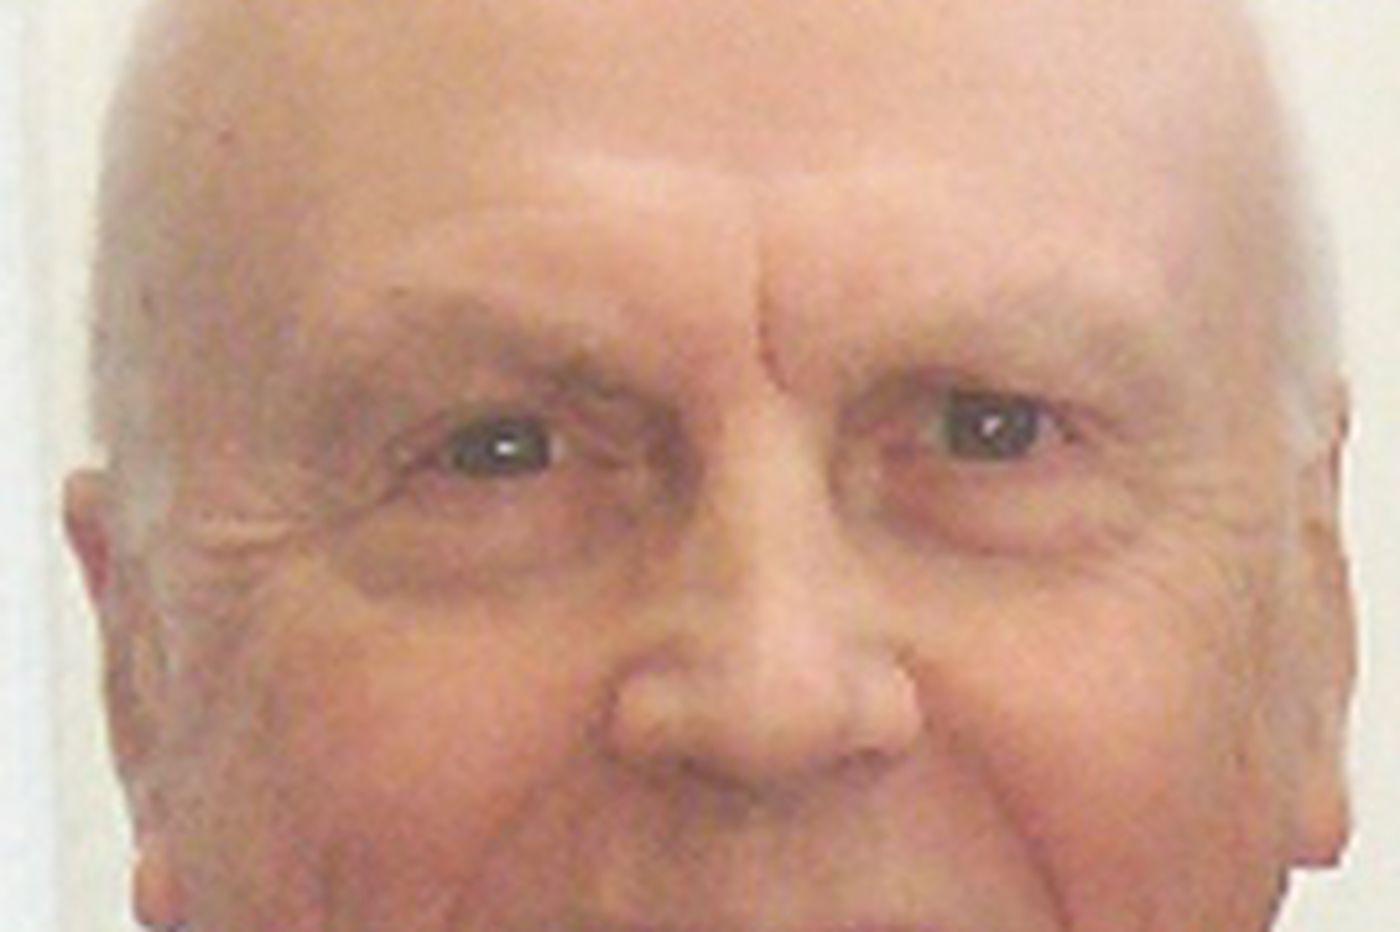 Herman E. Gollwitzer | Drexel professor, 69